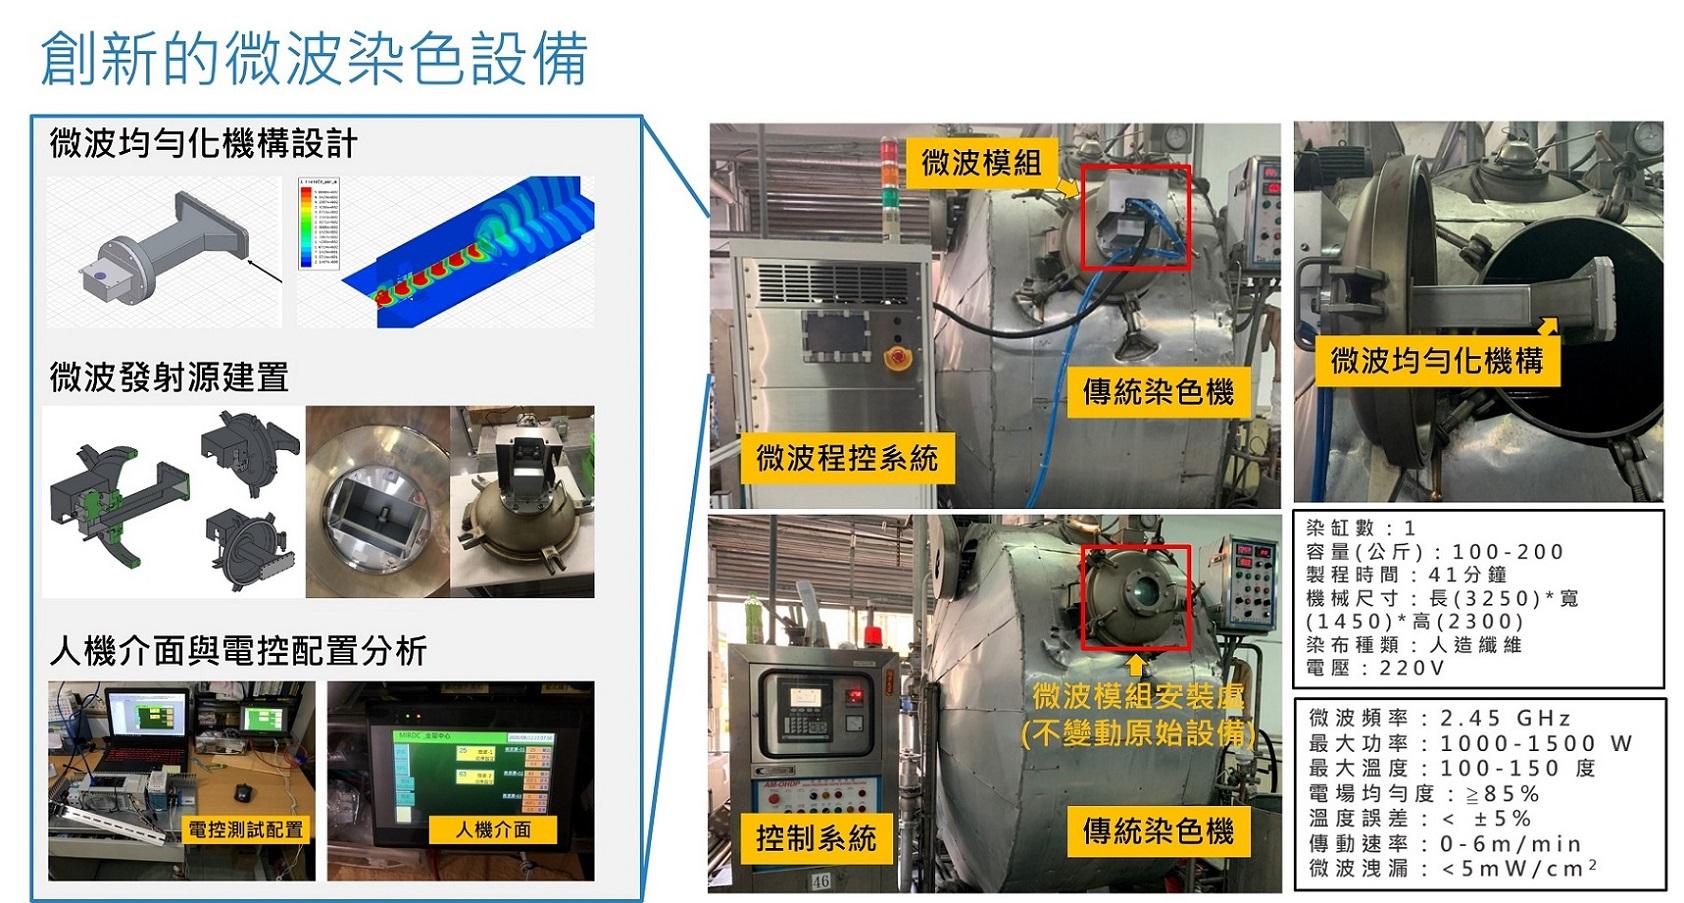 微波極化加熱系統應用於合成織物快速染色